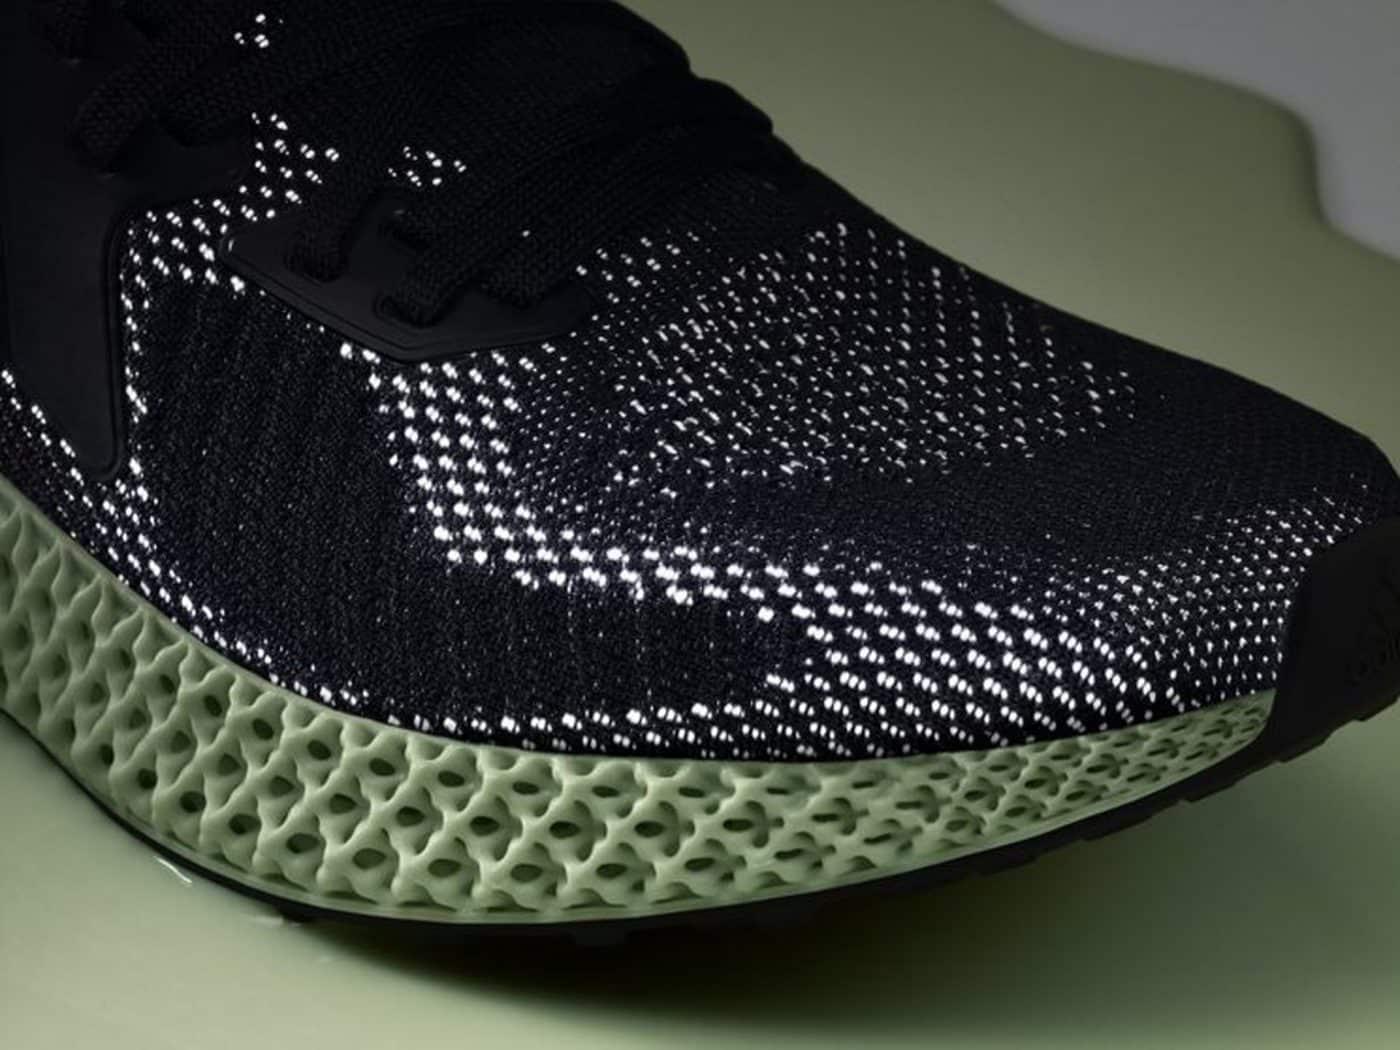 adidas-alphaedge-4d-fw19-running-runpack-2